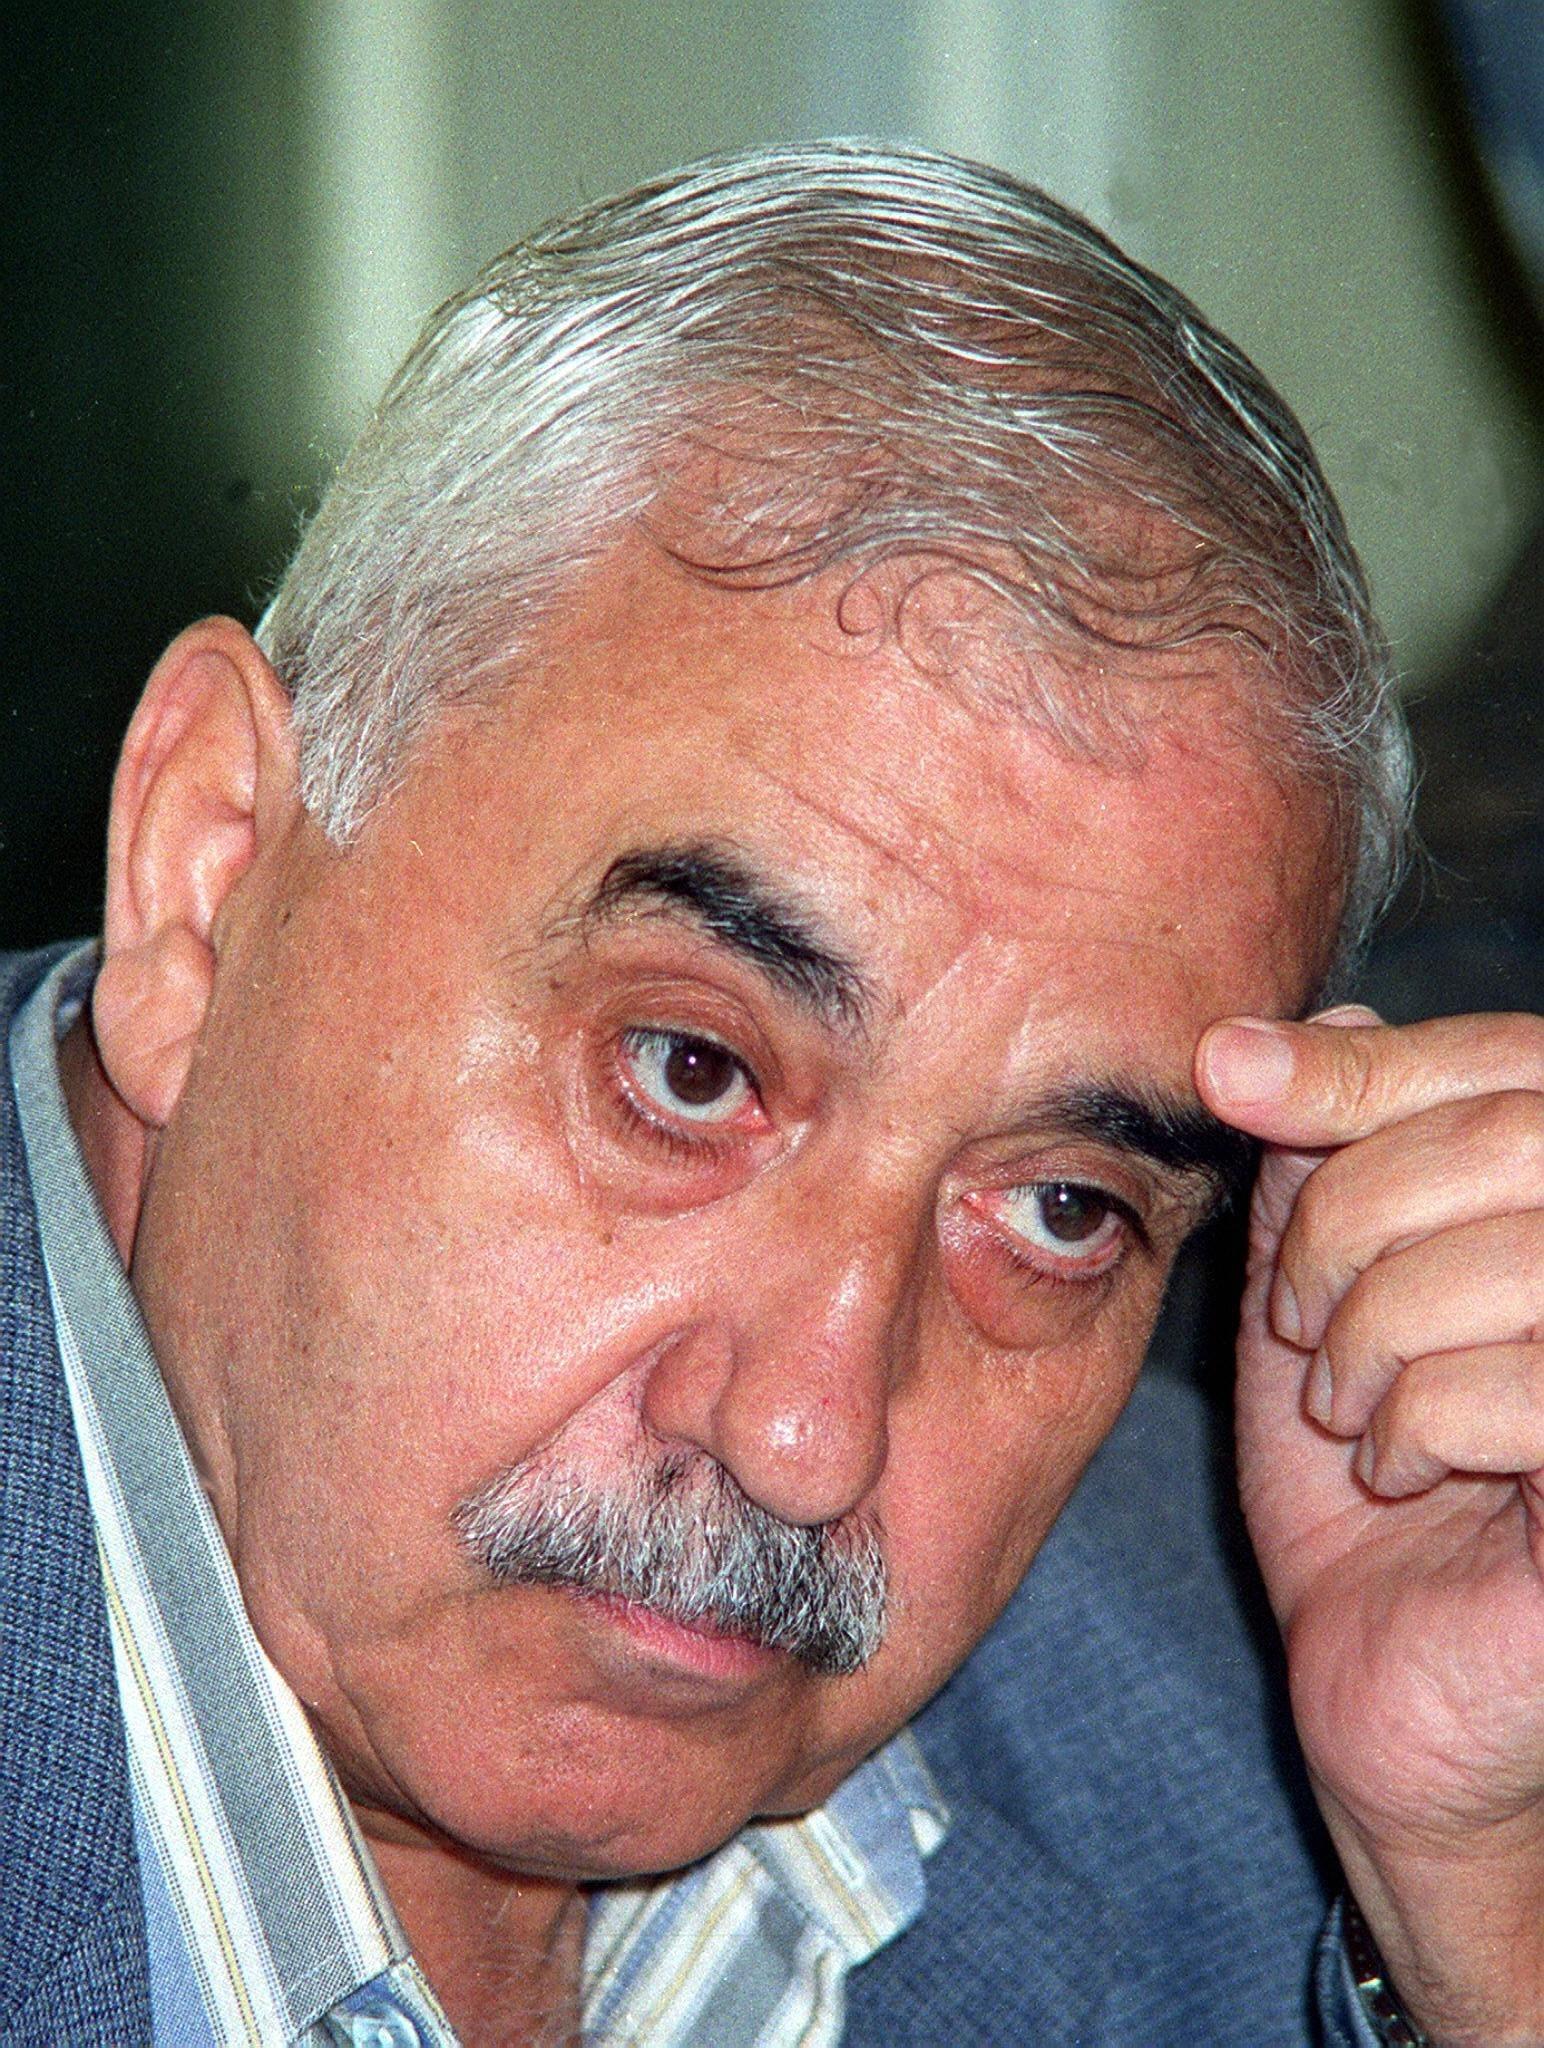 بمناسبة الذكرى ال 13 لرحيل القائد افلسطيني جورج حبش